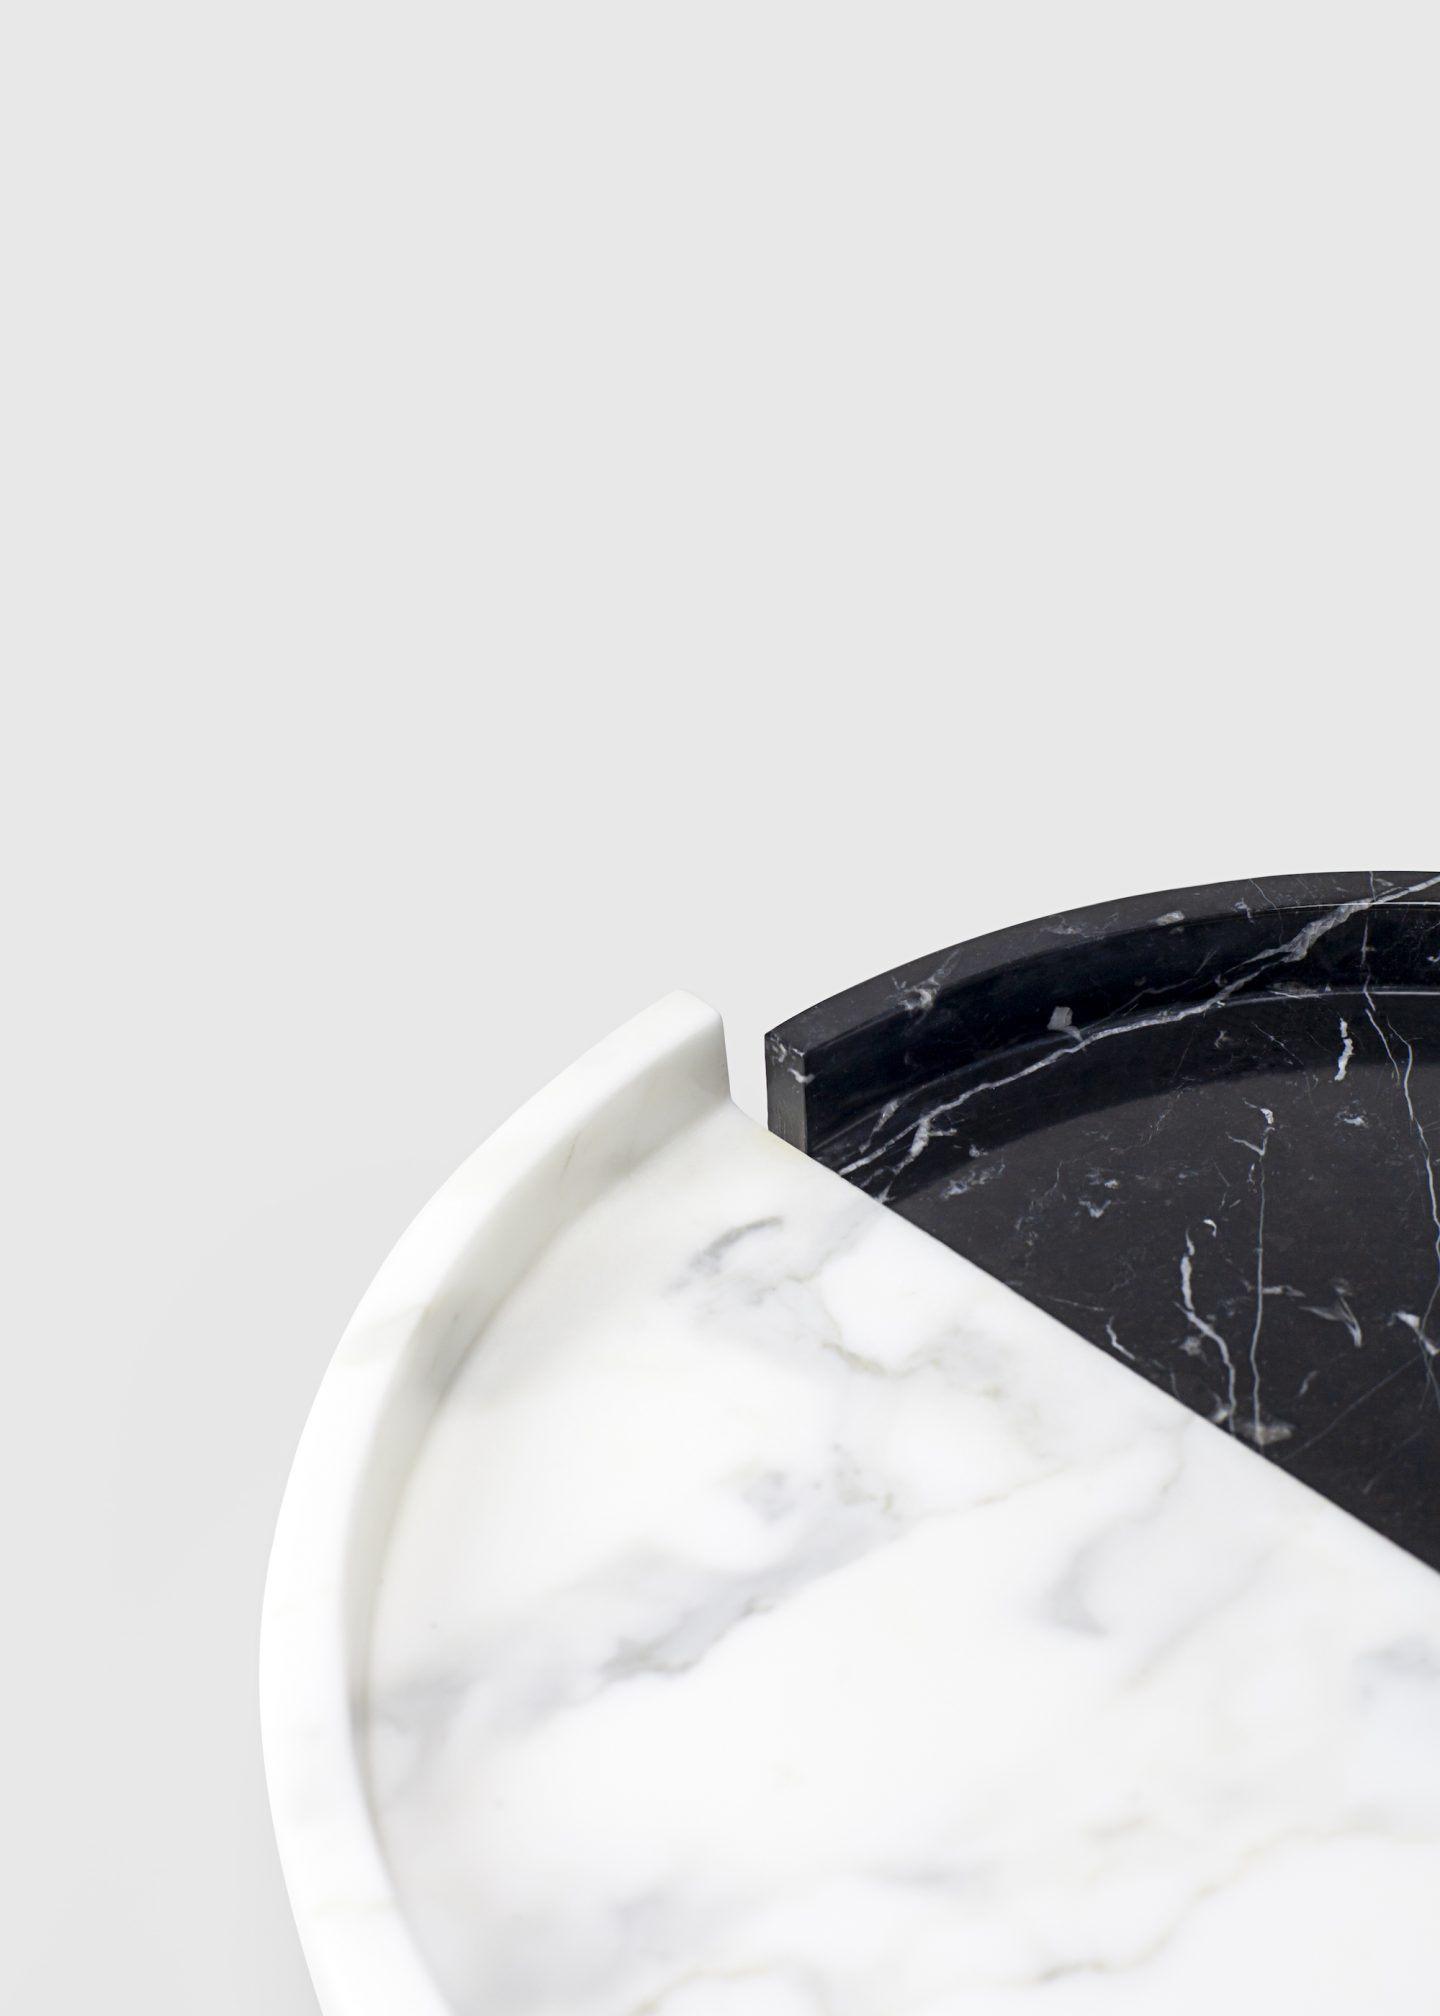 IGNANT-Design-Sandro-Lopez-006